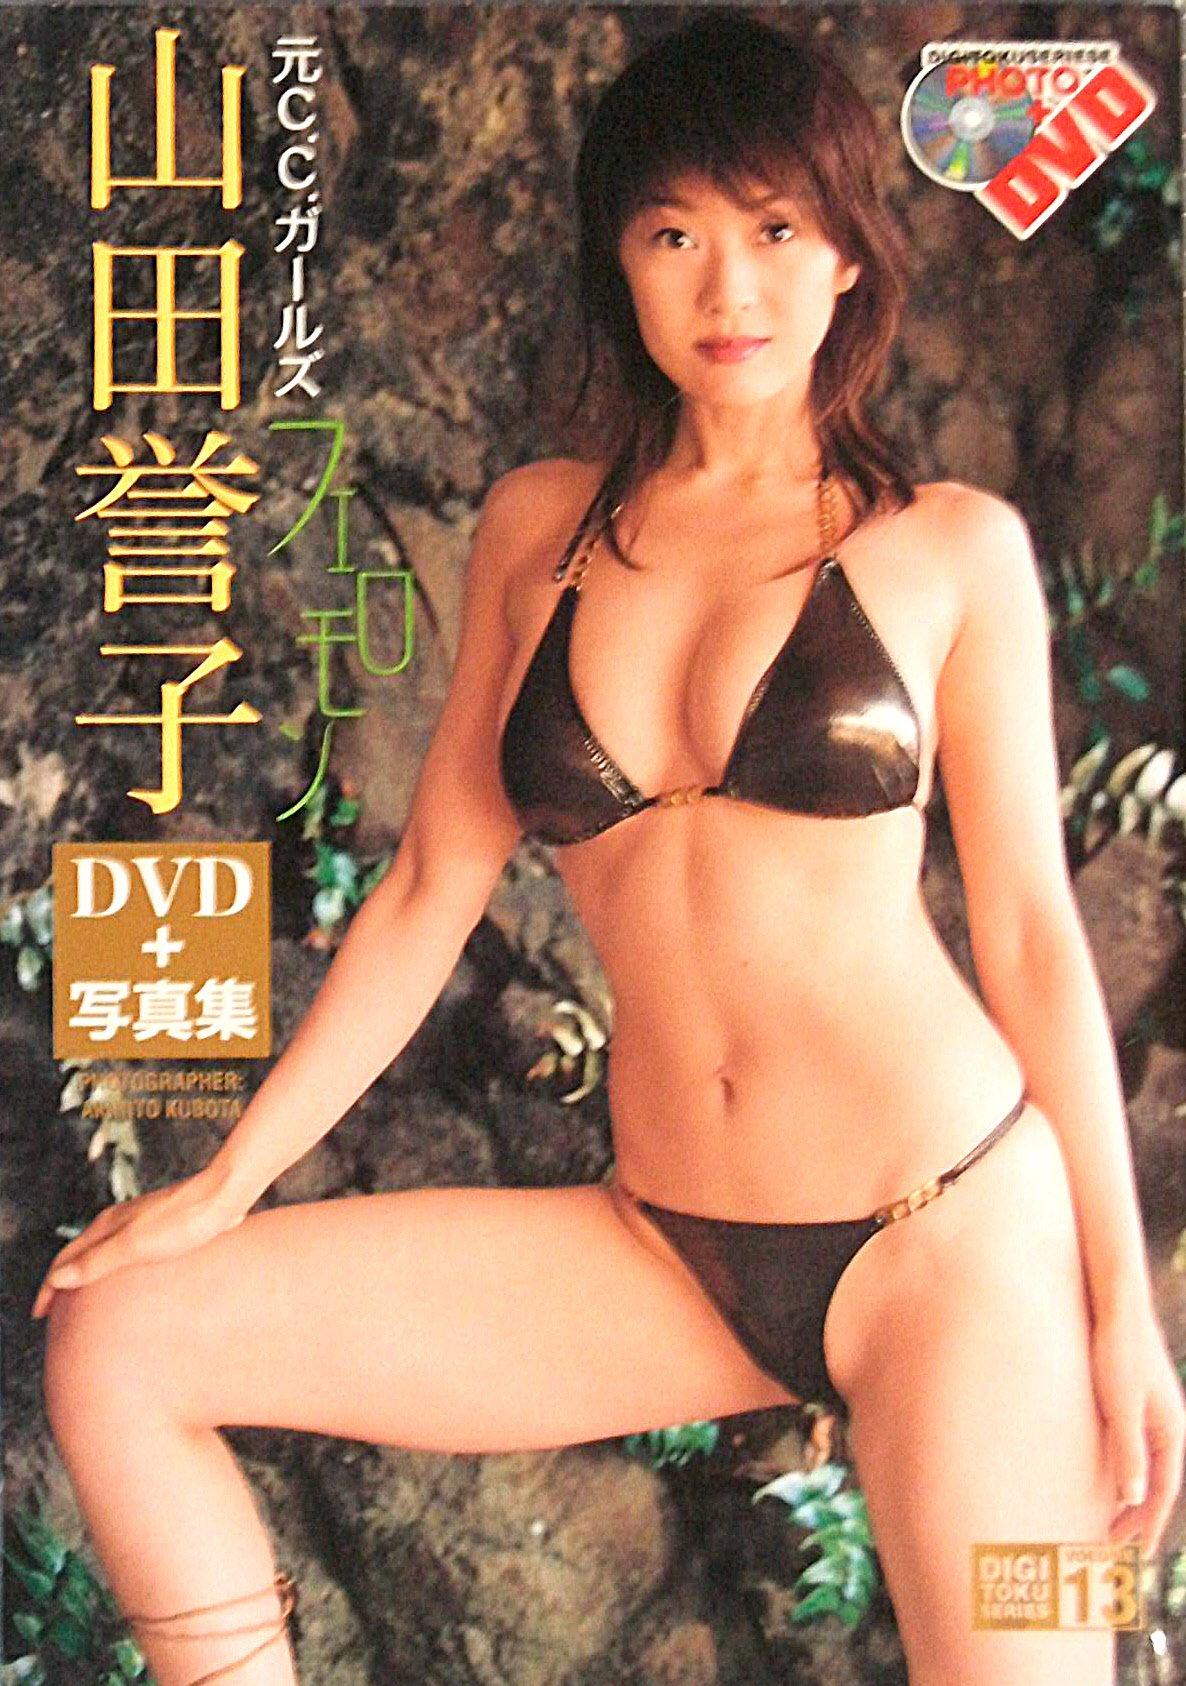 Gカップグラドル 山田誉子 Yamada Takako さん 動画と画像の作品リスト